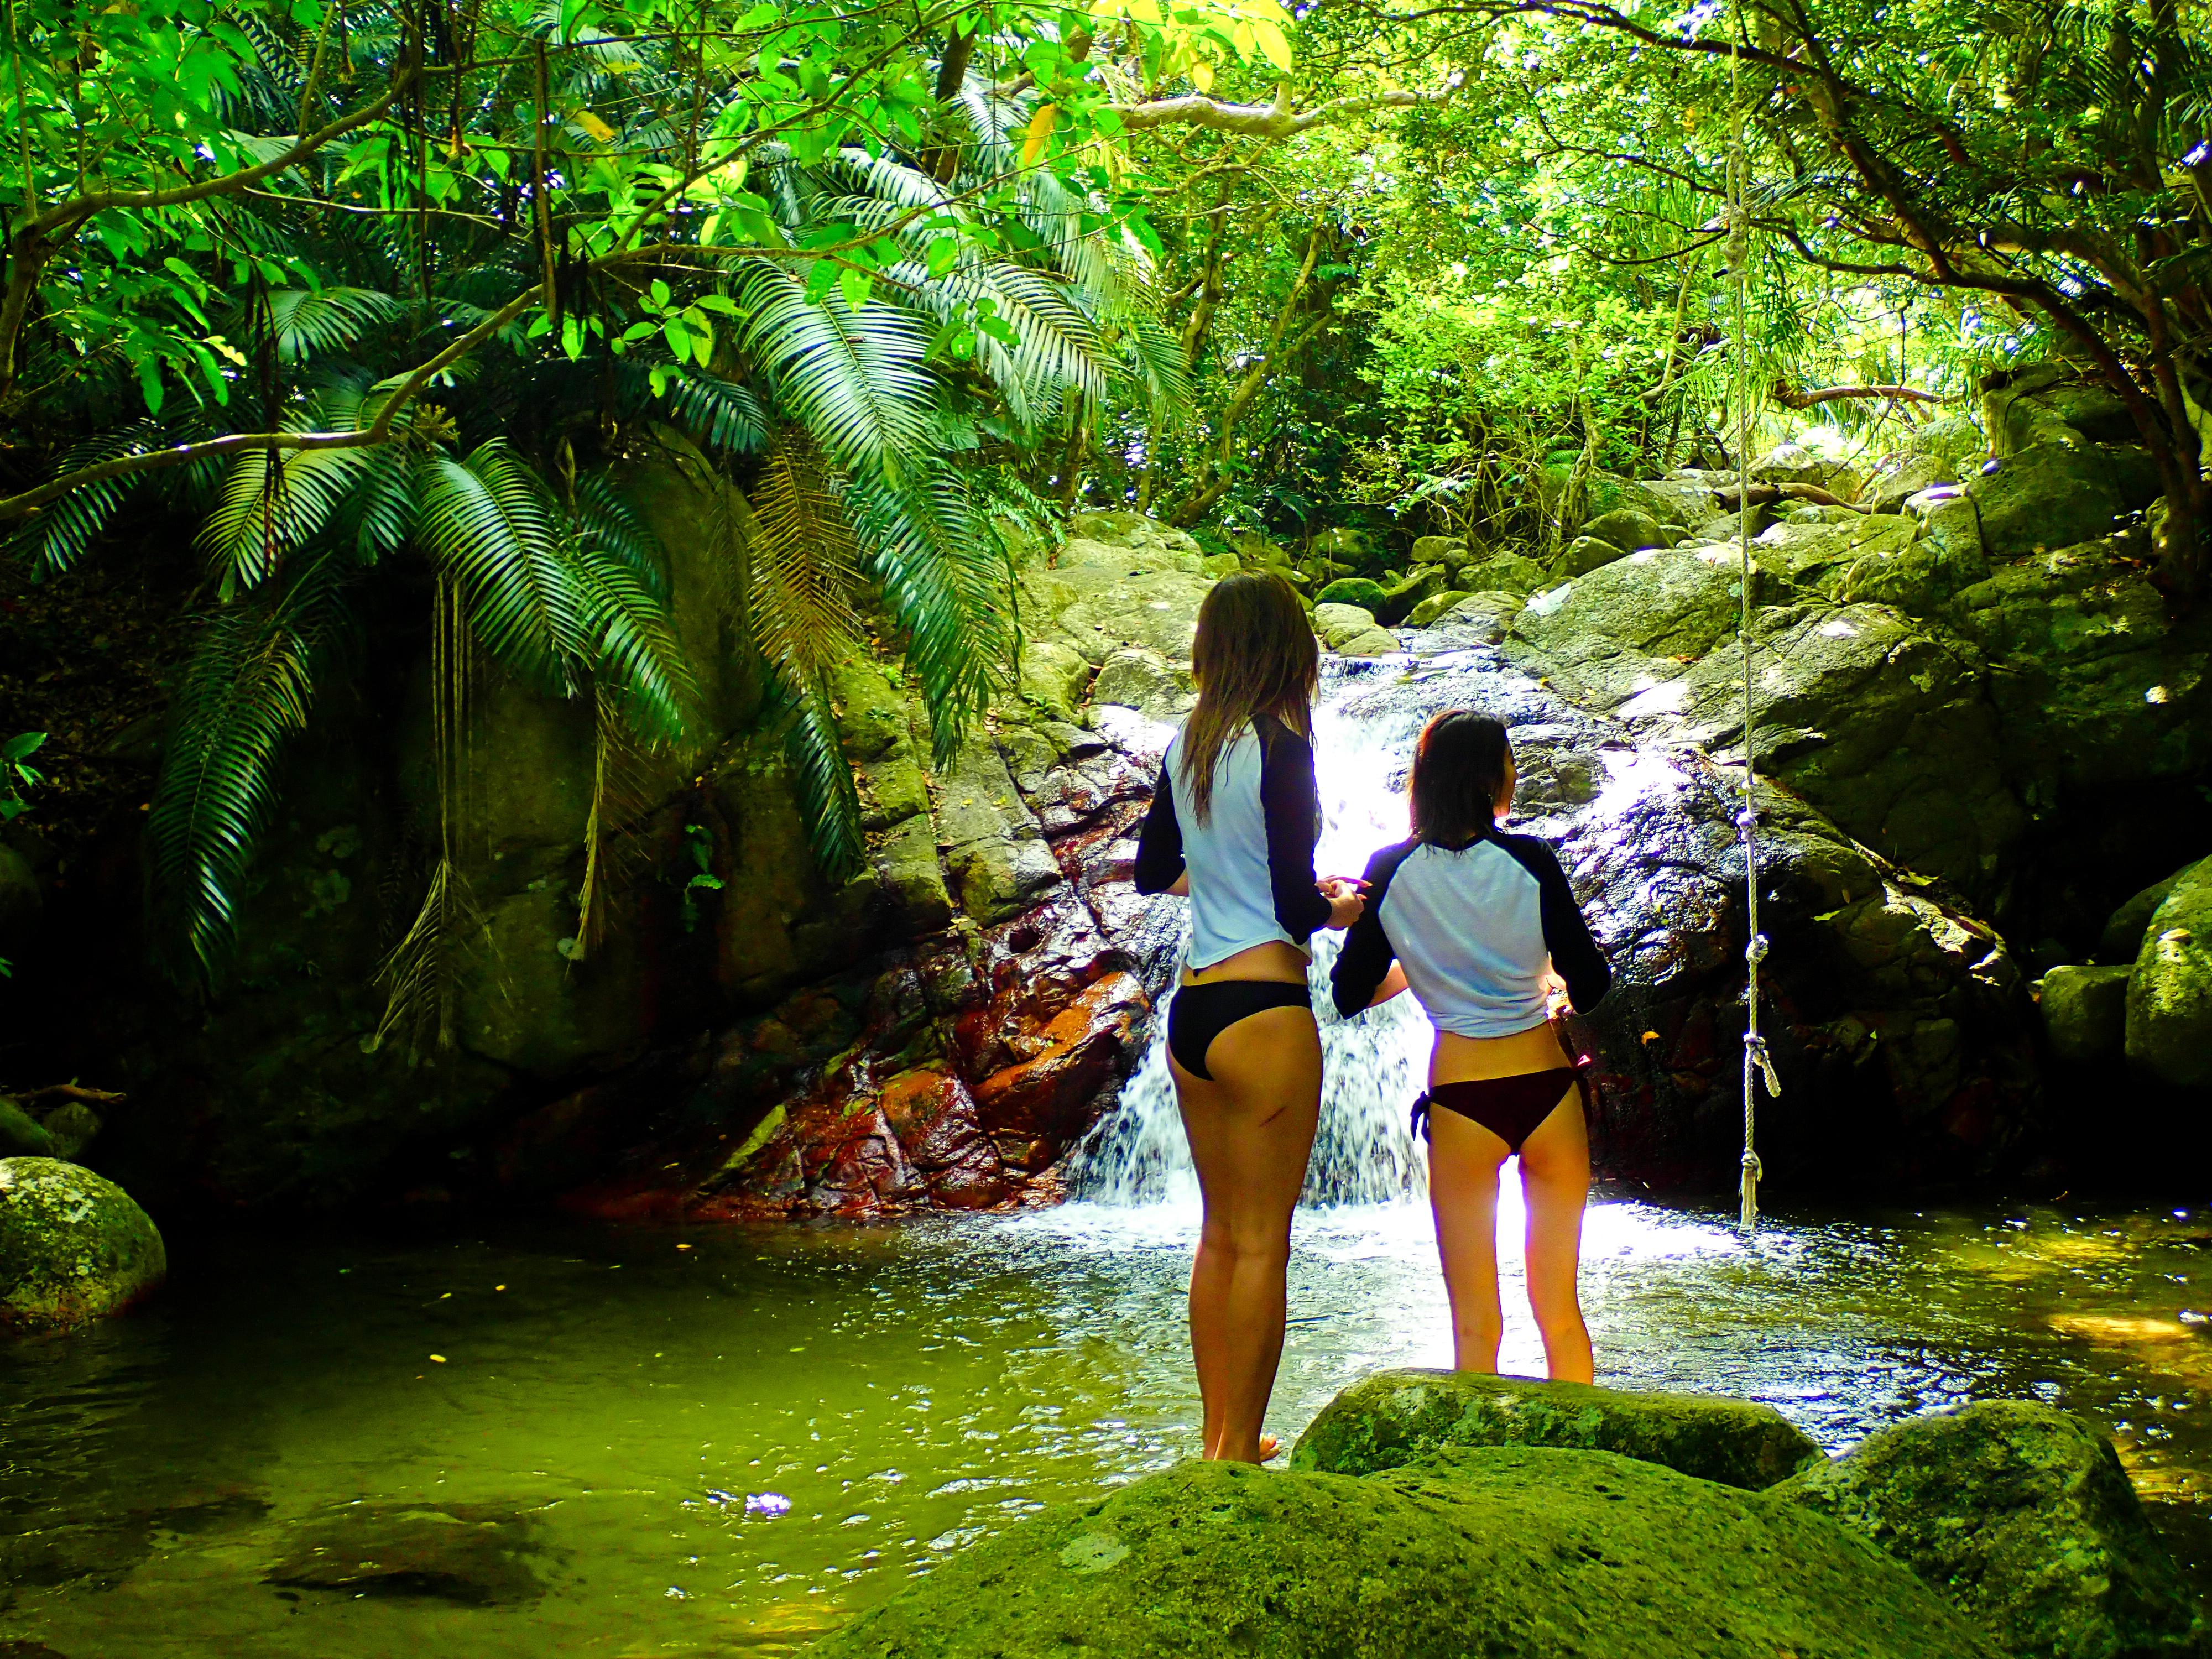 新川の滝を楽しむ二人